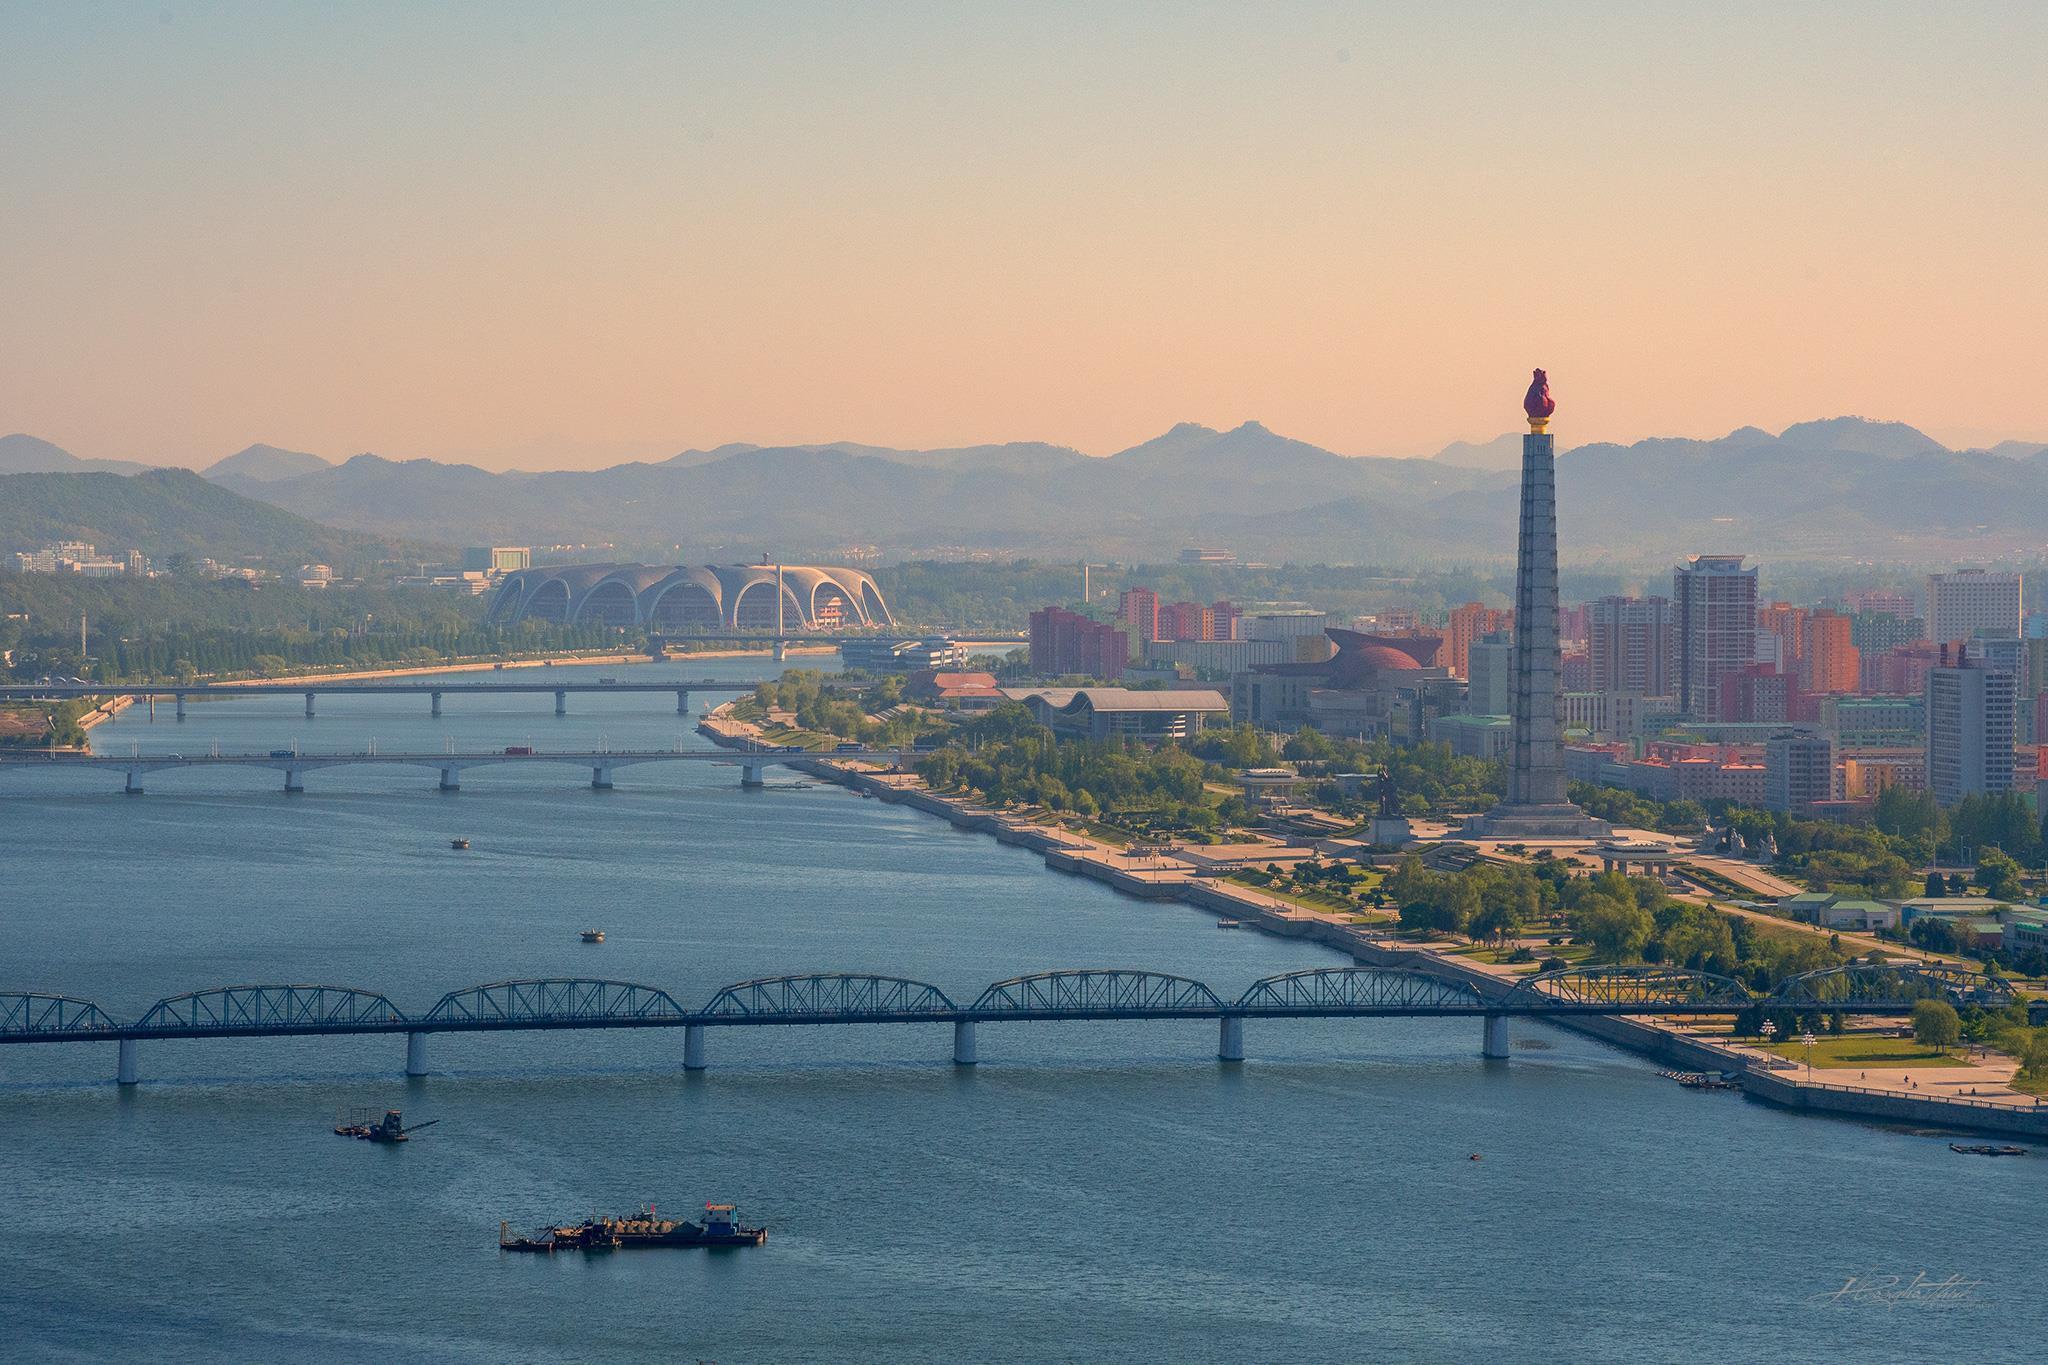 Triều Tiên đời thường qua những bức ảnh của nhiếp ảnh gia Việt Nam Ảnh 3